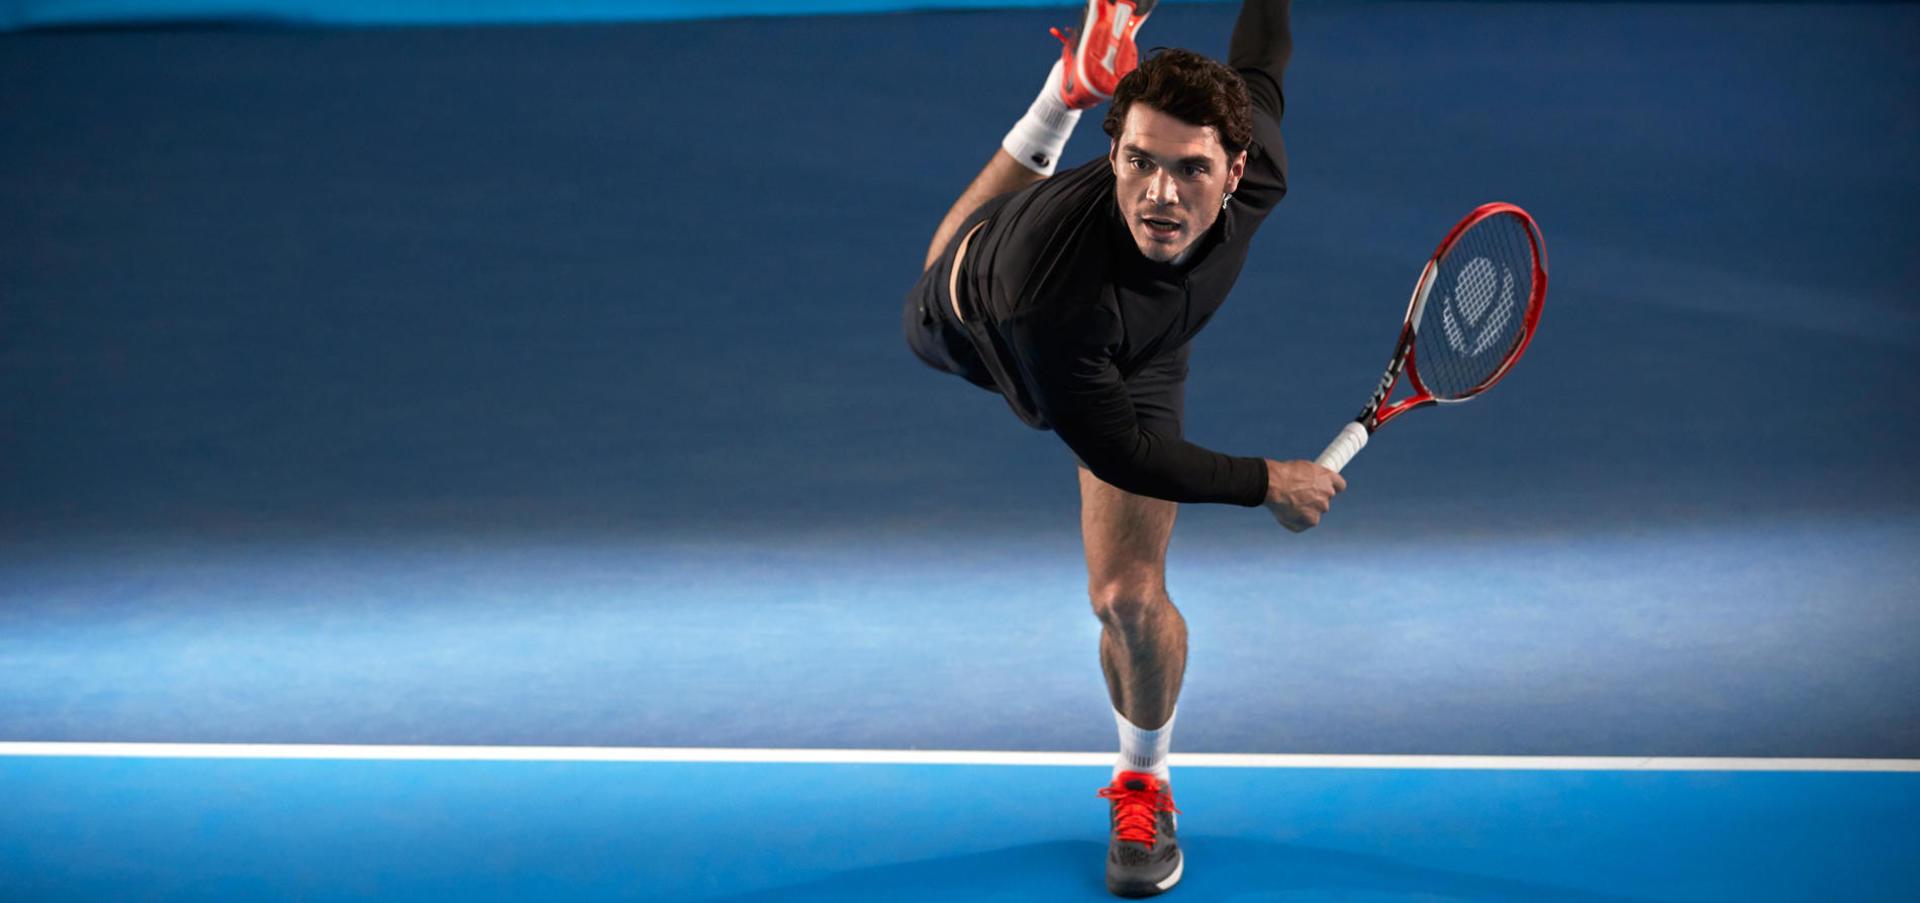 Bien service au tennis conseil technique matériel